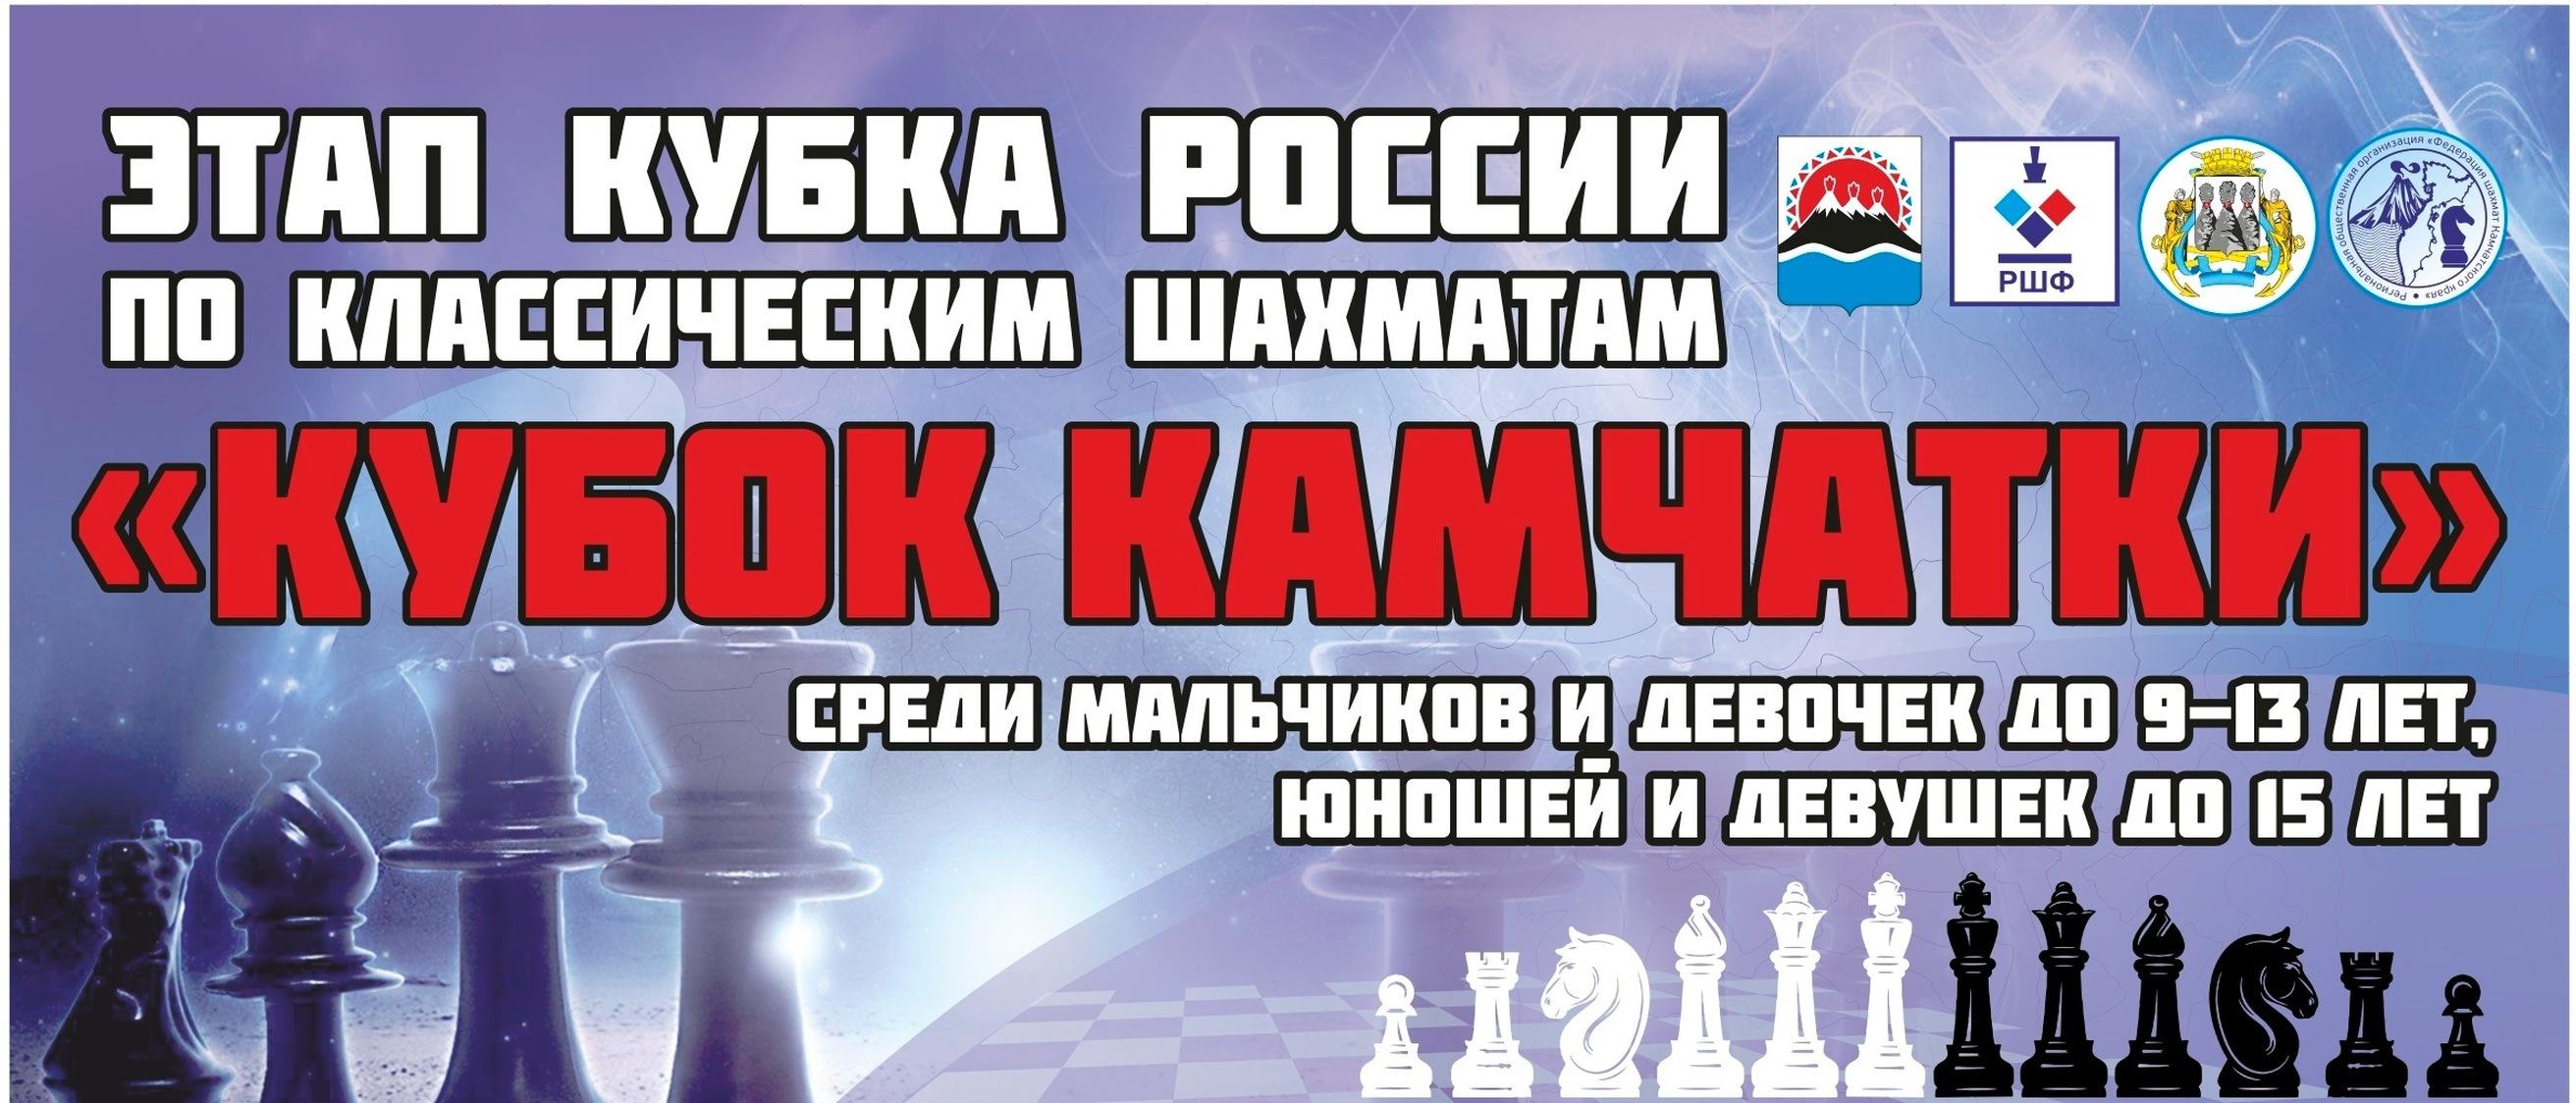 Кубок Камчатки - 2020